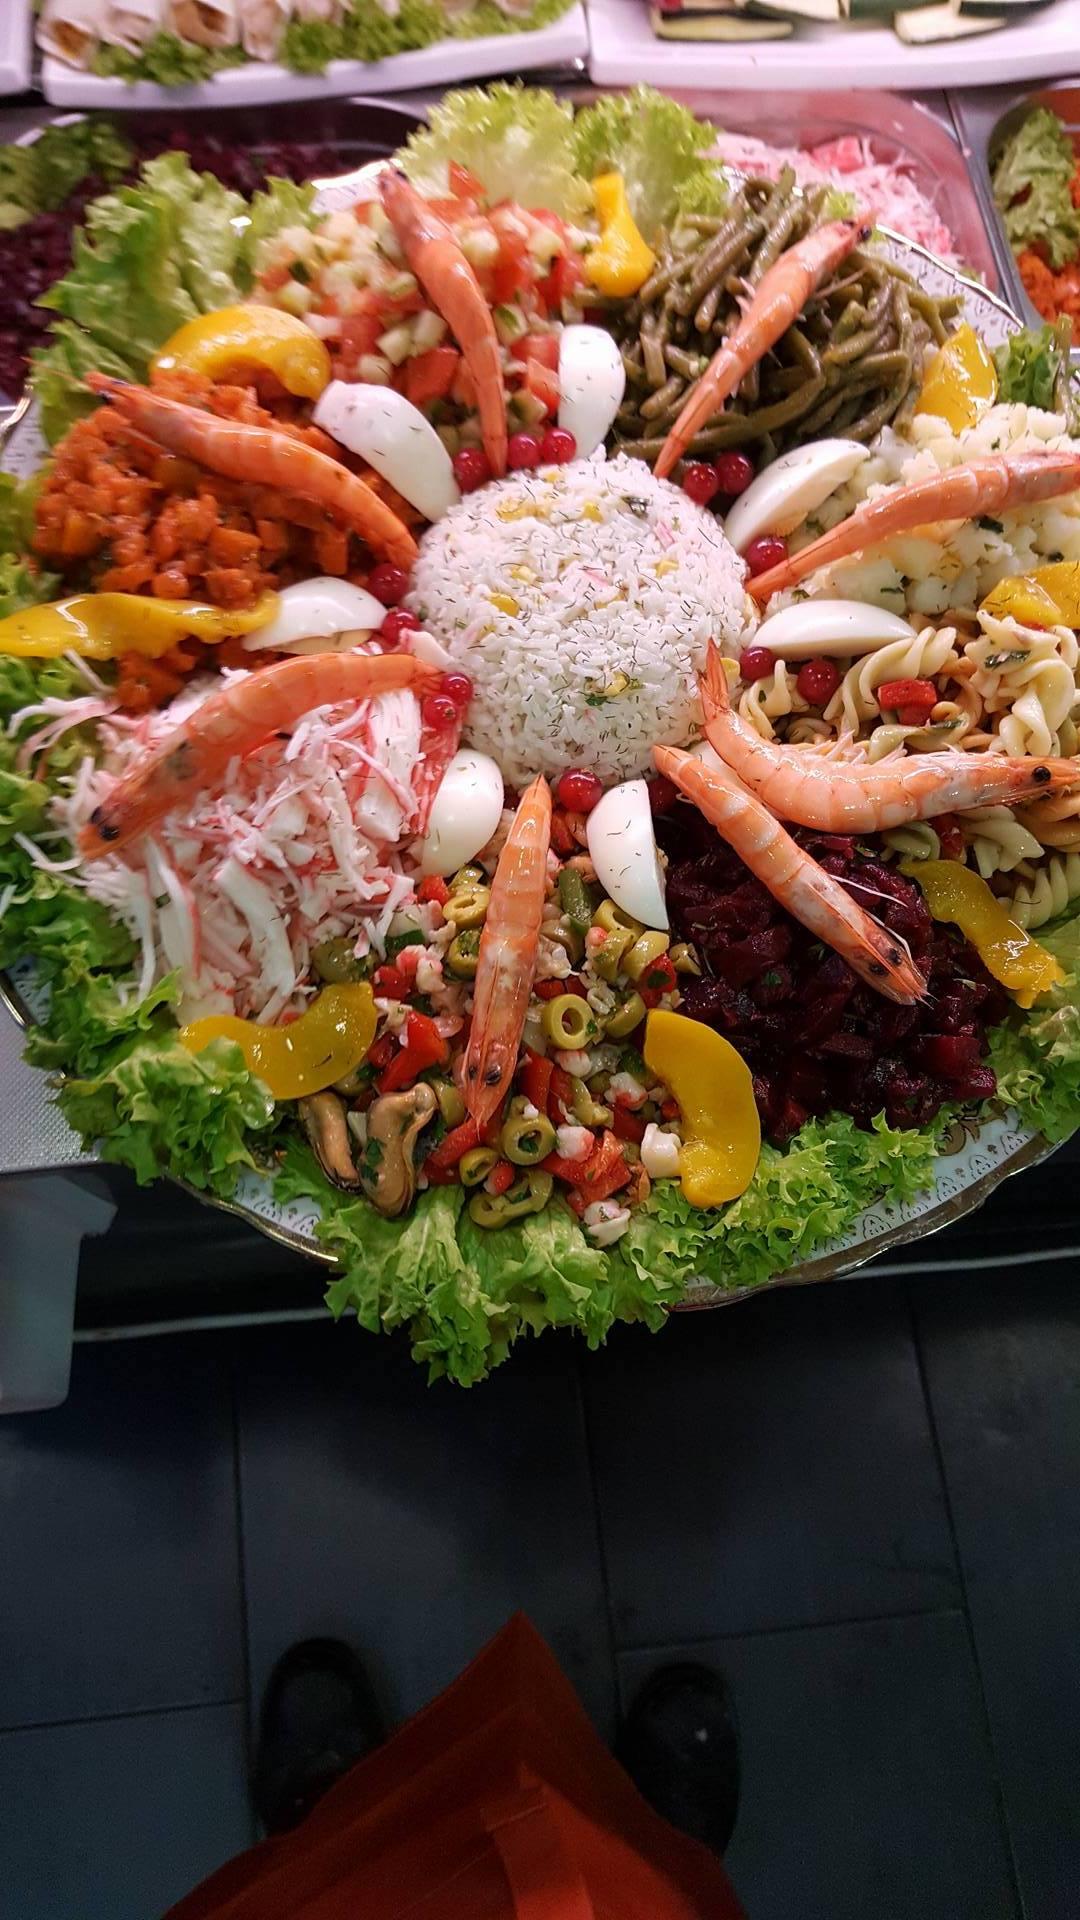 Traiteur -img6 • Livraison de poissons • Poissonnerie • Restaurant • Traiteur à Anderlecht